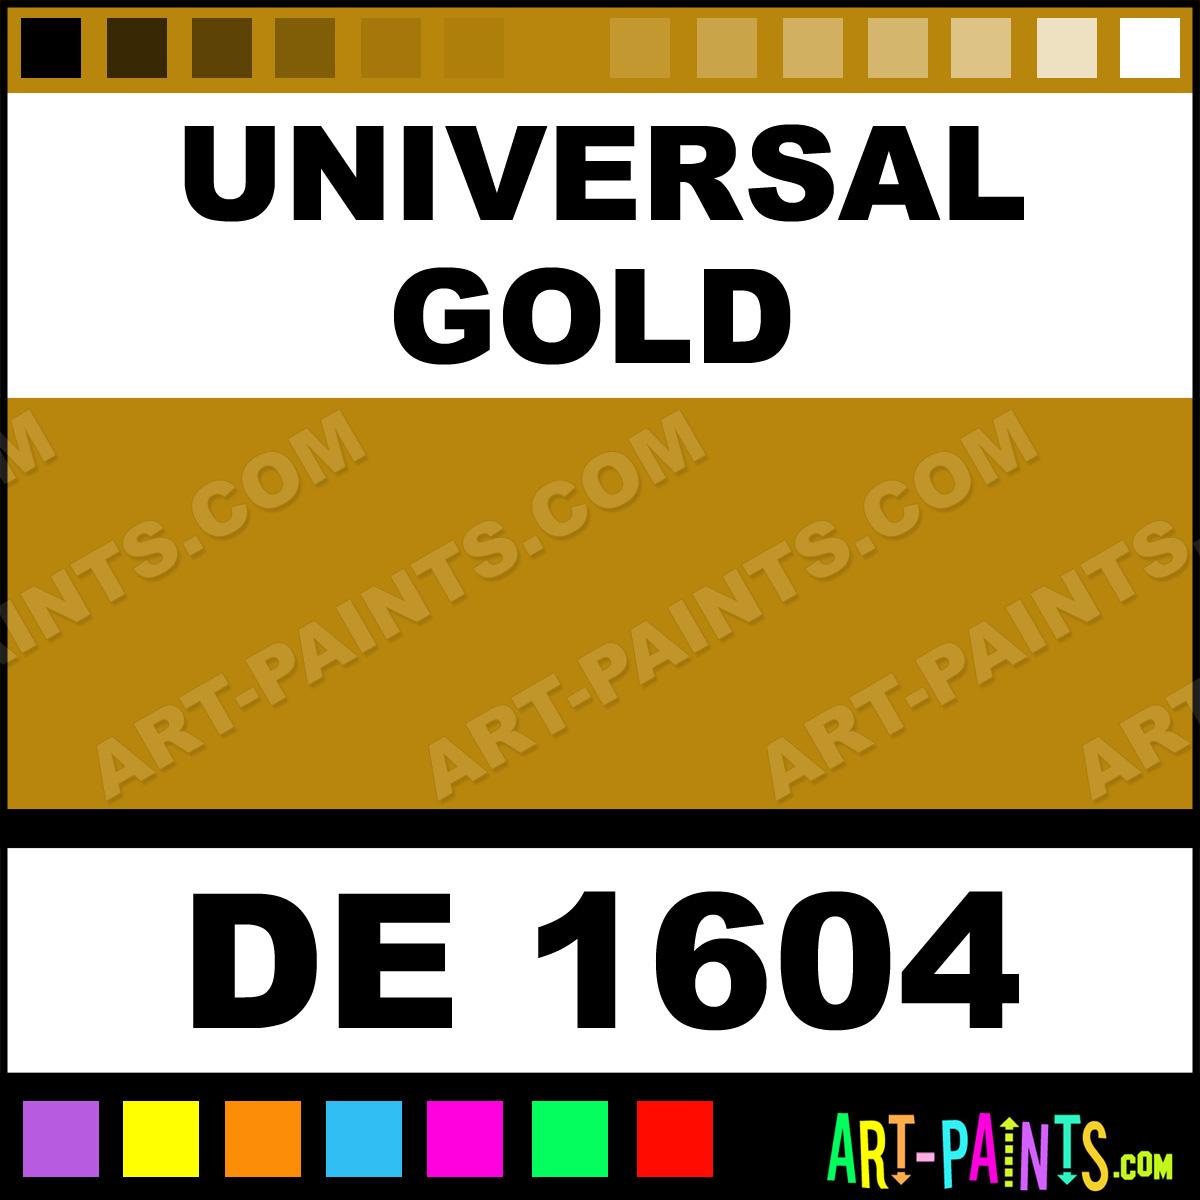 Universal gold engine enamel paints de 1604 universal gold universal gold paint de 1604 by dupli color nvjuhfo Image collections